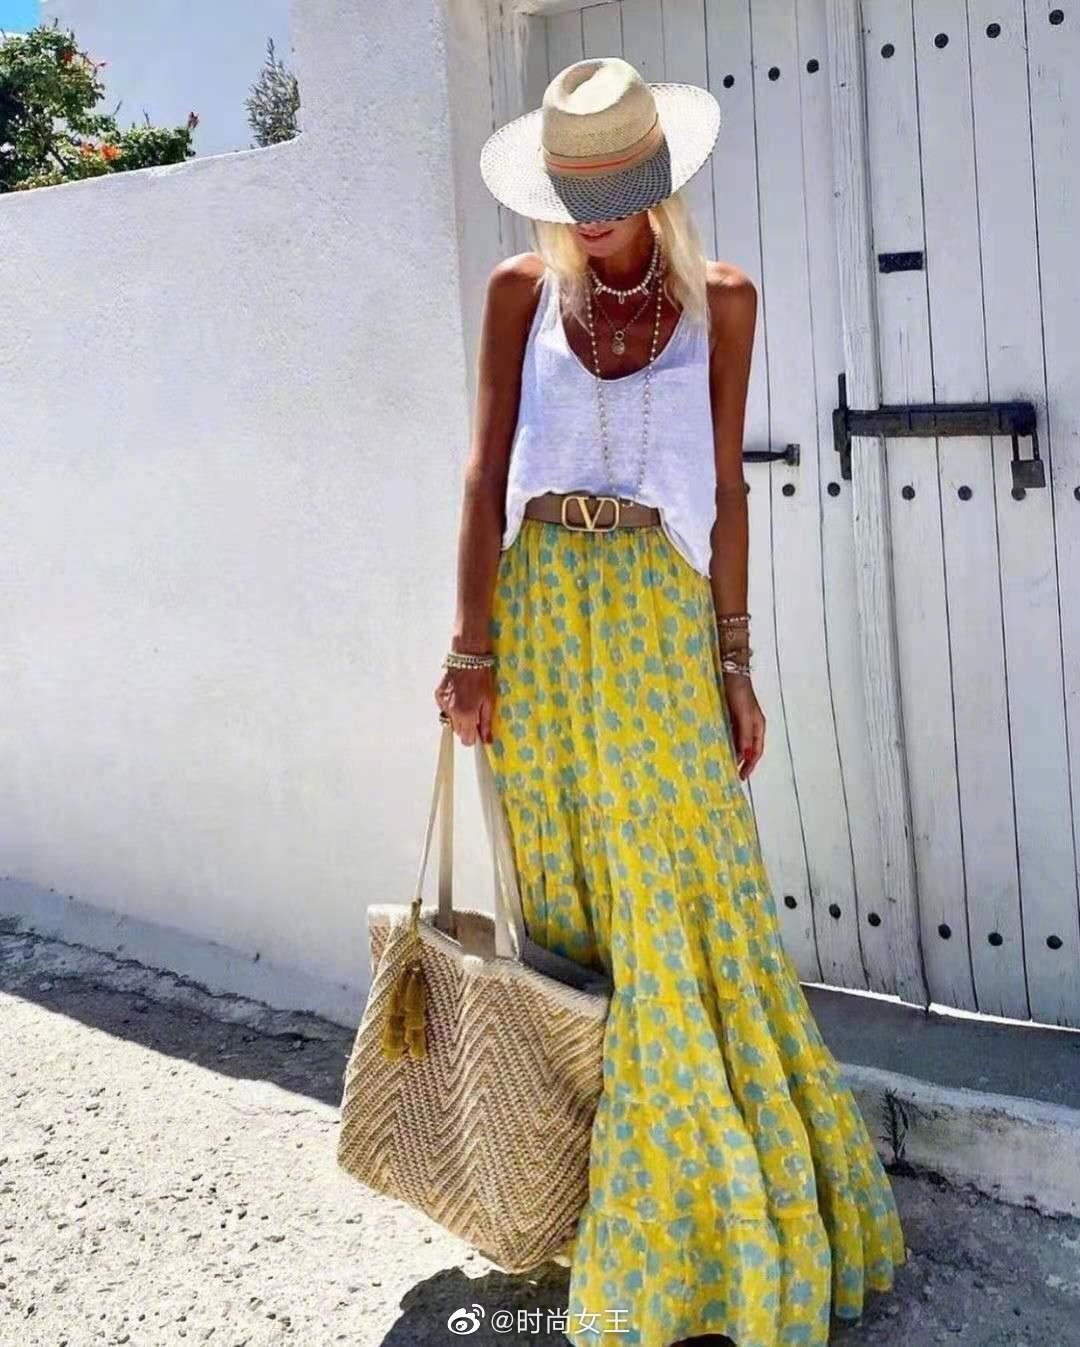 炎炎夏日怎么能少了一条漂亮的半裙呢……